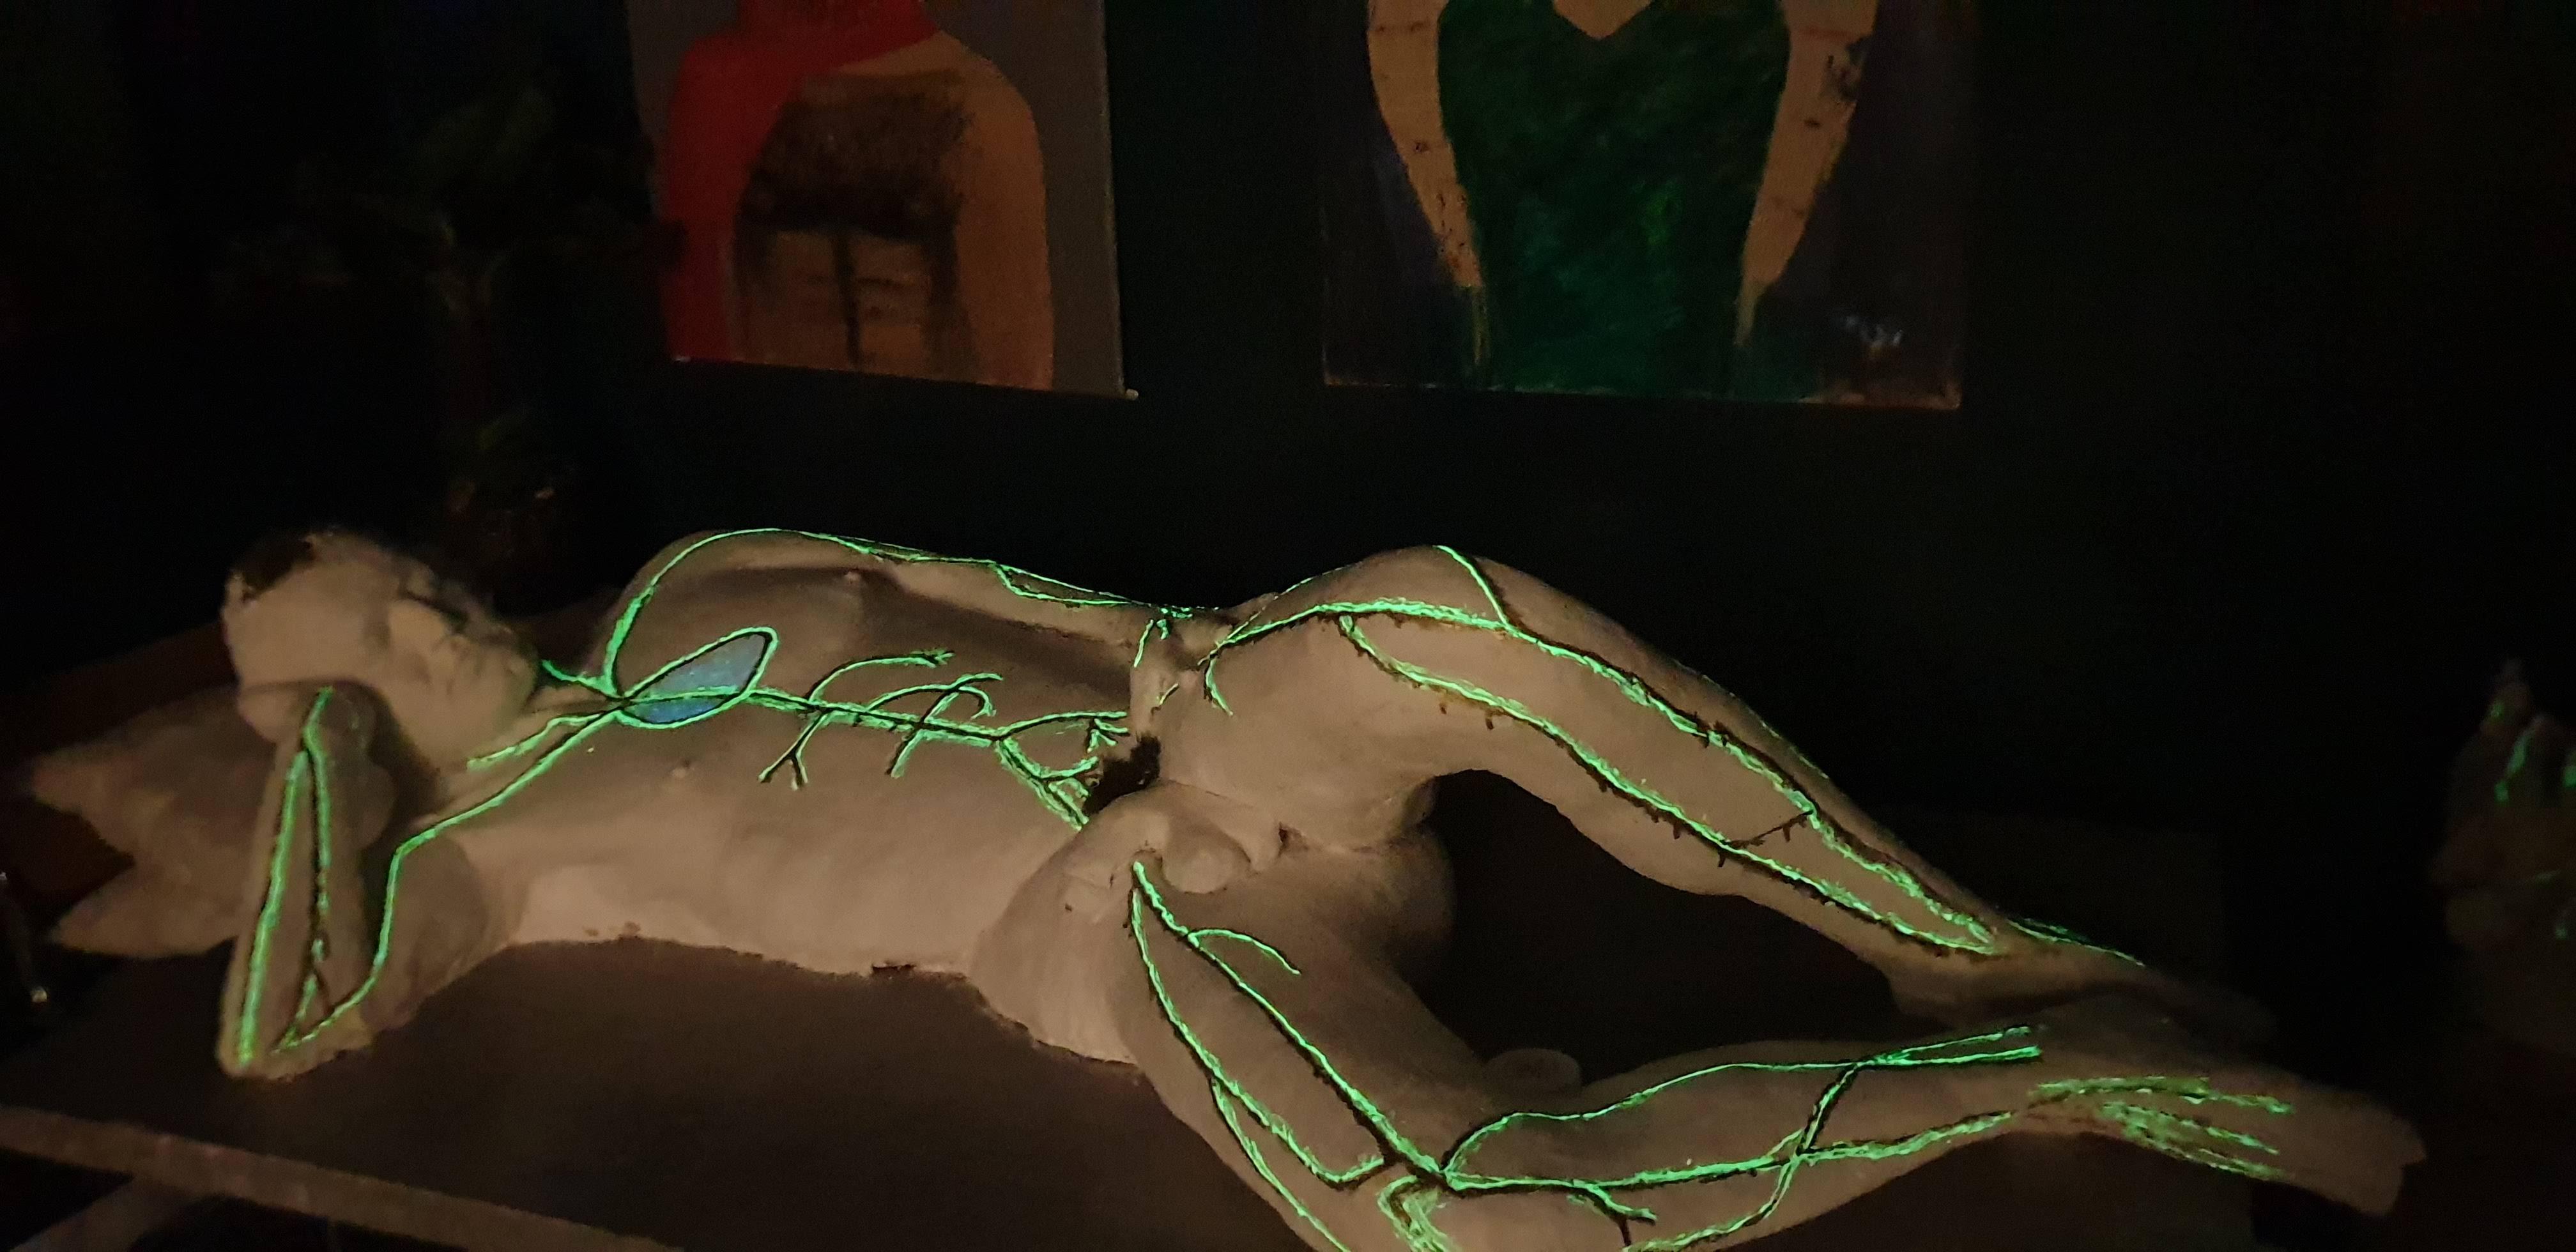 Skulptur_Mann_von_Ferdinand bei Nacht